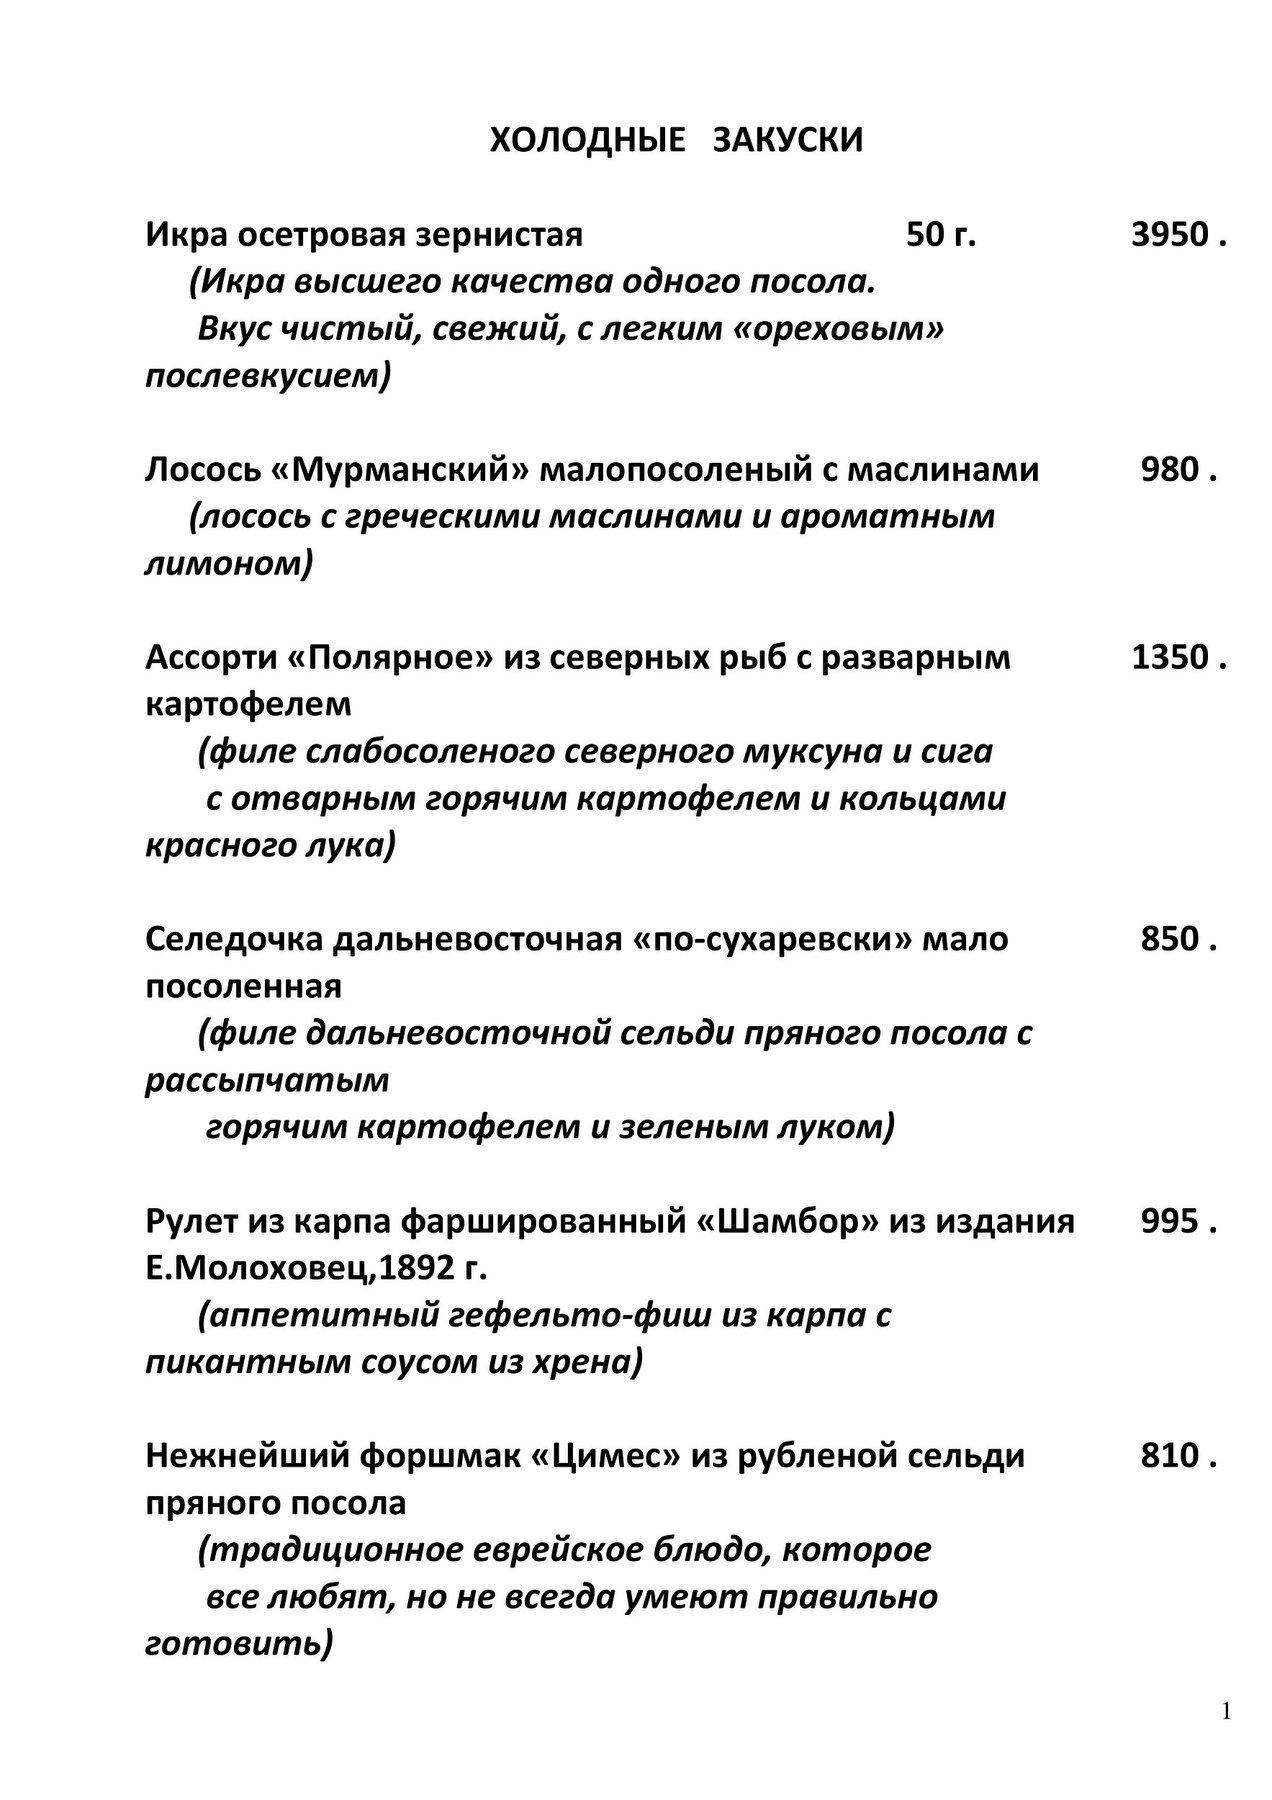 Меню ресторана Семь Пятниц на Воронцовской улице фото 1